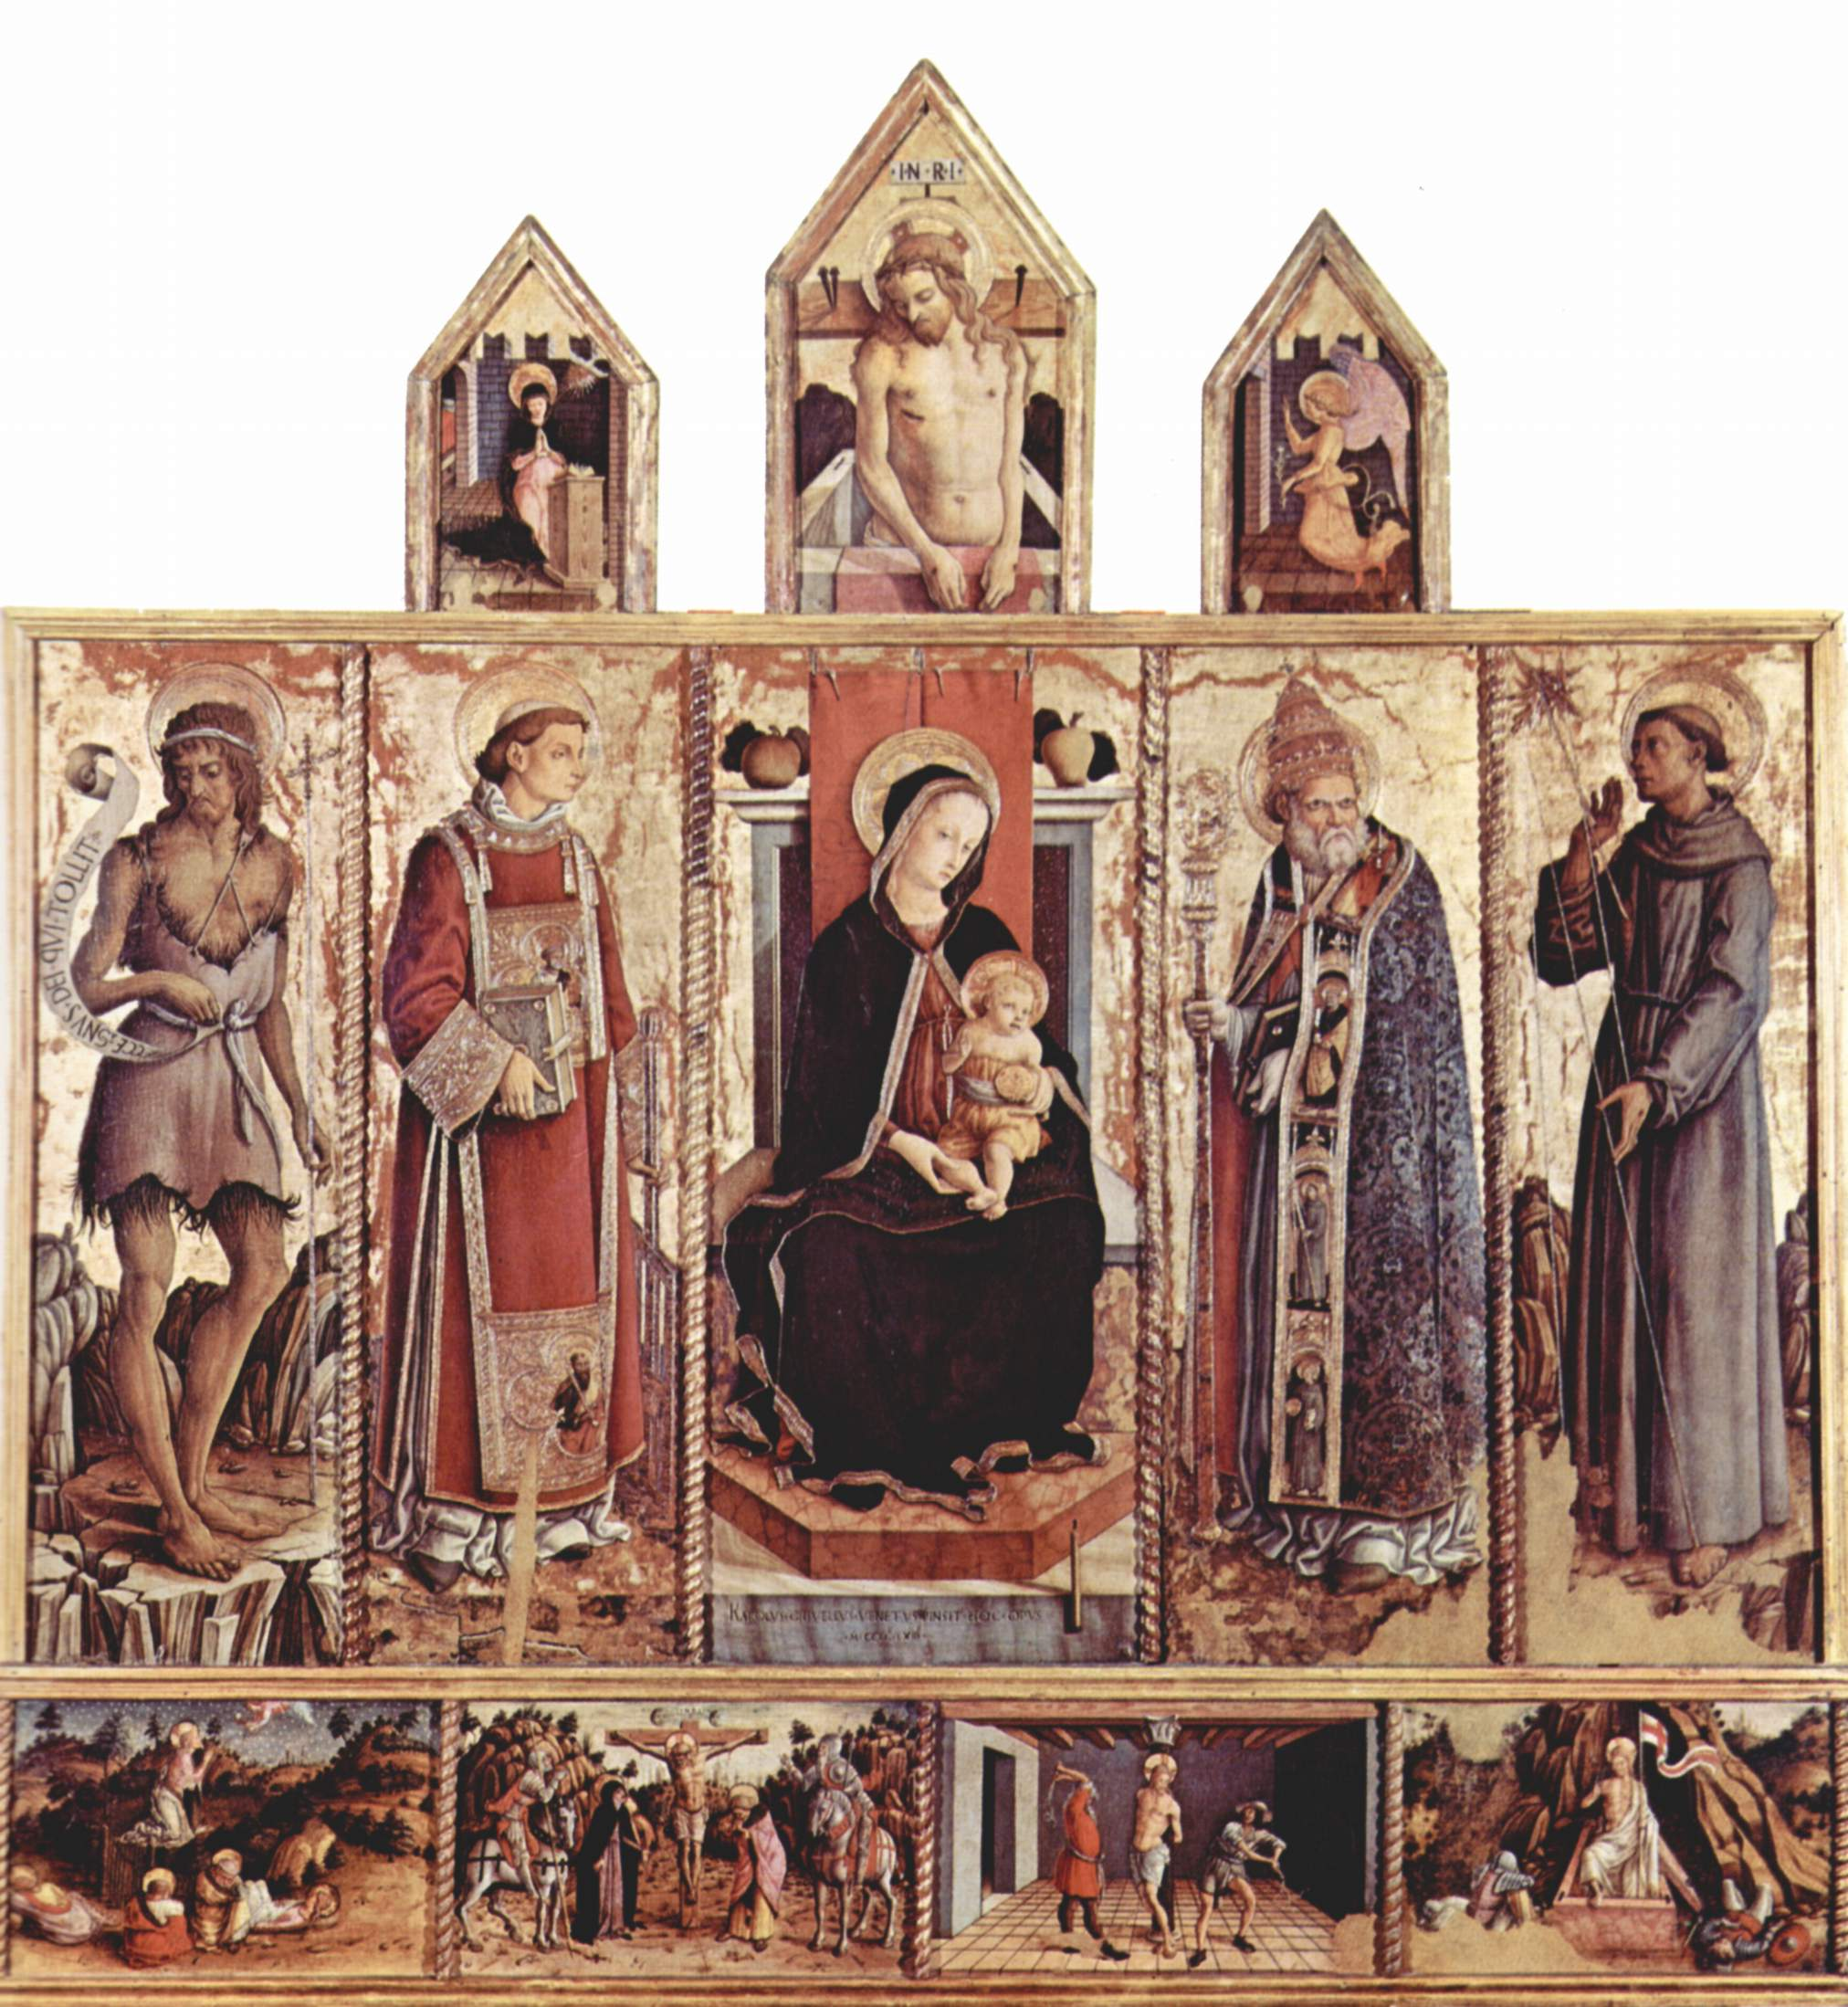 Алтарь из церкви Сан Сильвестро в Масса Фермана, общий вид, центральная часть  Мадонна на троне, Карло Кривелли